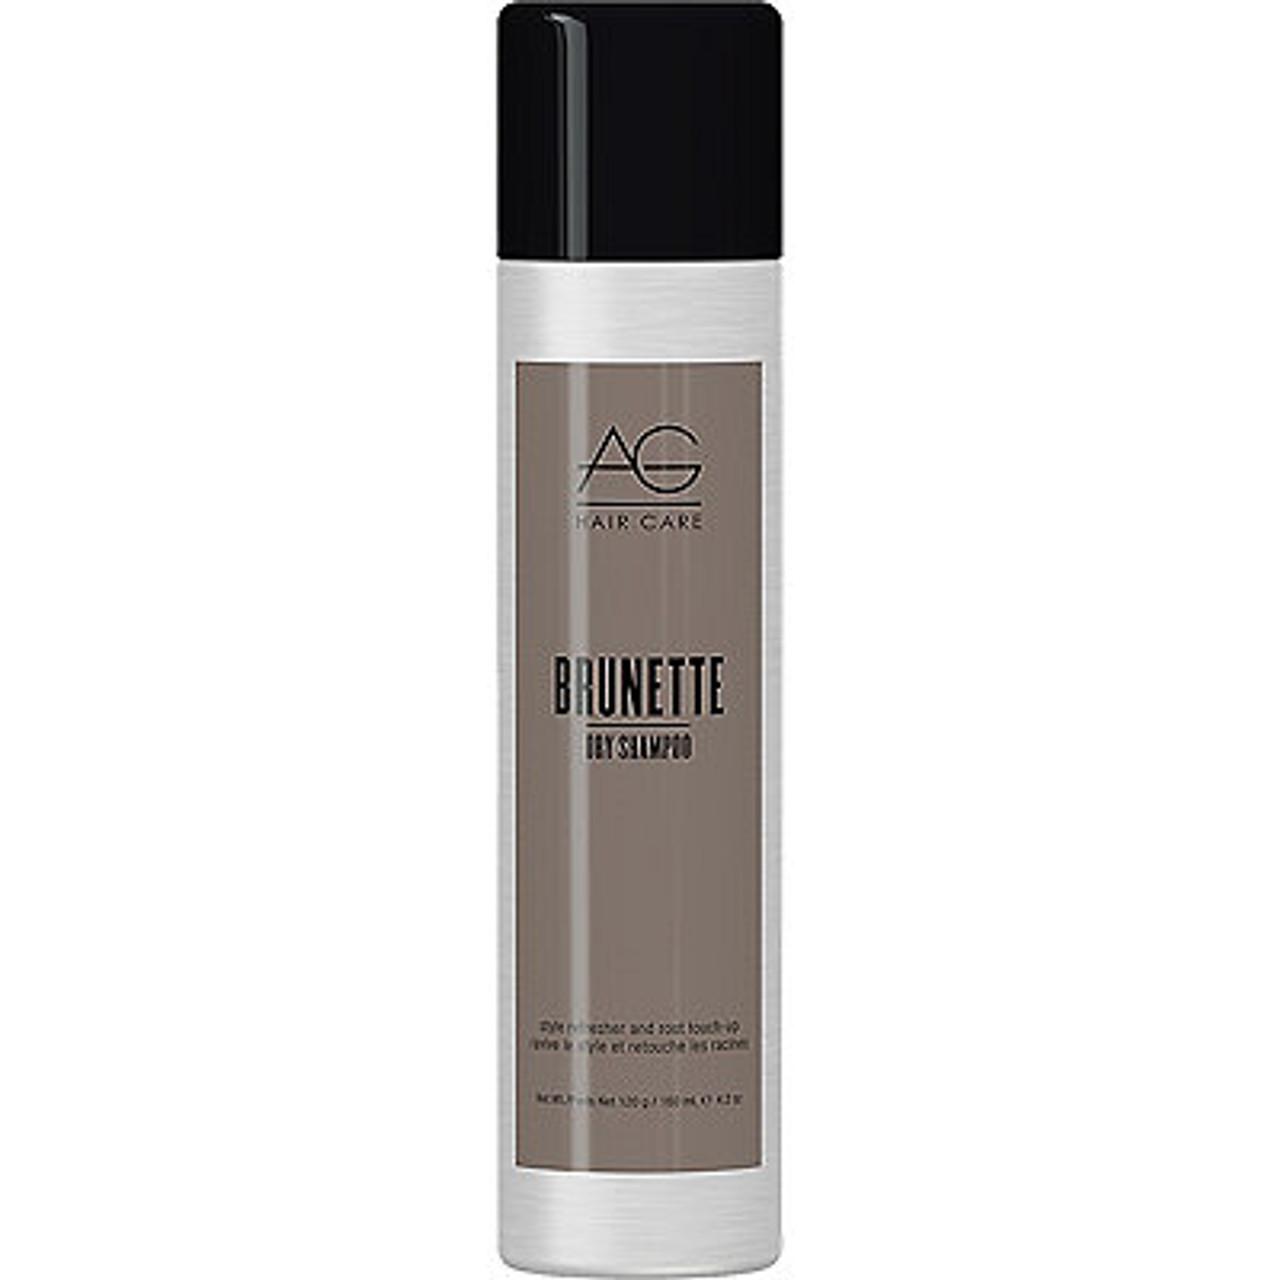 AG Hair Brunette Dry Shampoo, 4.2 oz